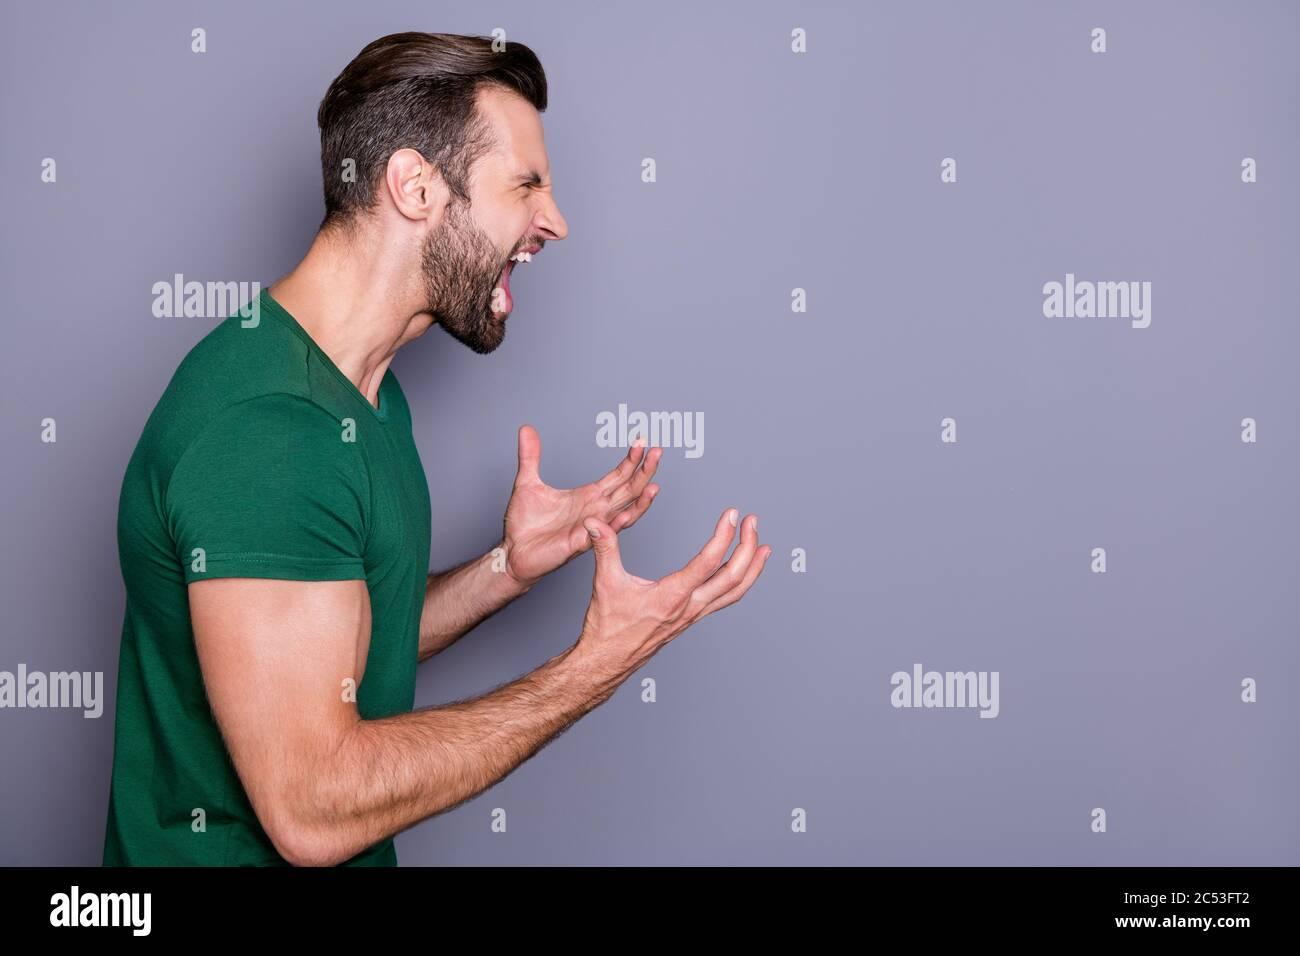 Profil photo de l'attrayant fou gars soigneux cheveux soil lever les bras yelling furieux côté vide espace combat avec petite amie porter décontracté vert t Banque D'Images